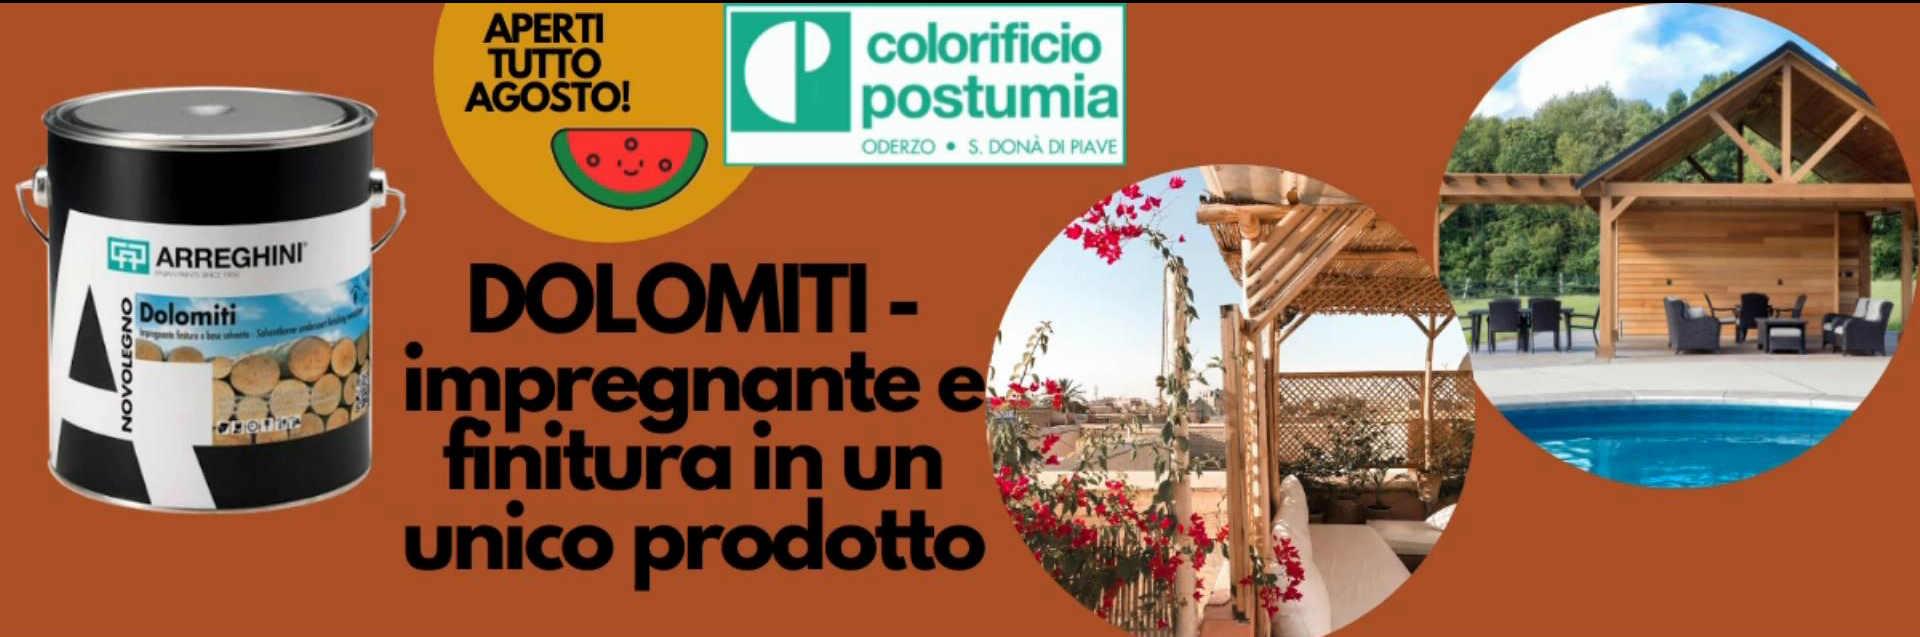 Colorificio Postumia - Dolomiti Impregnante e finitura in un unico prodotto